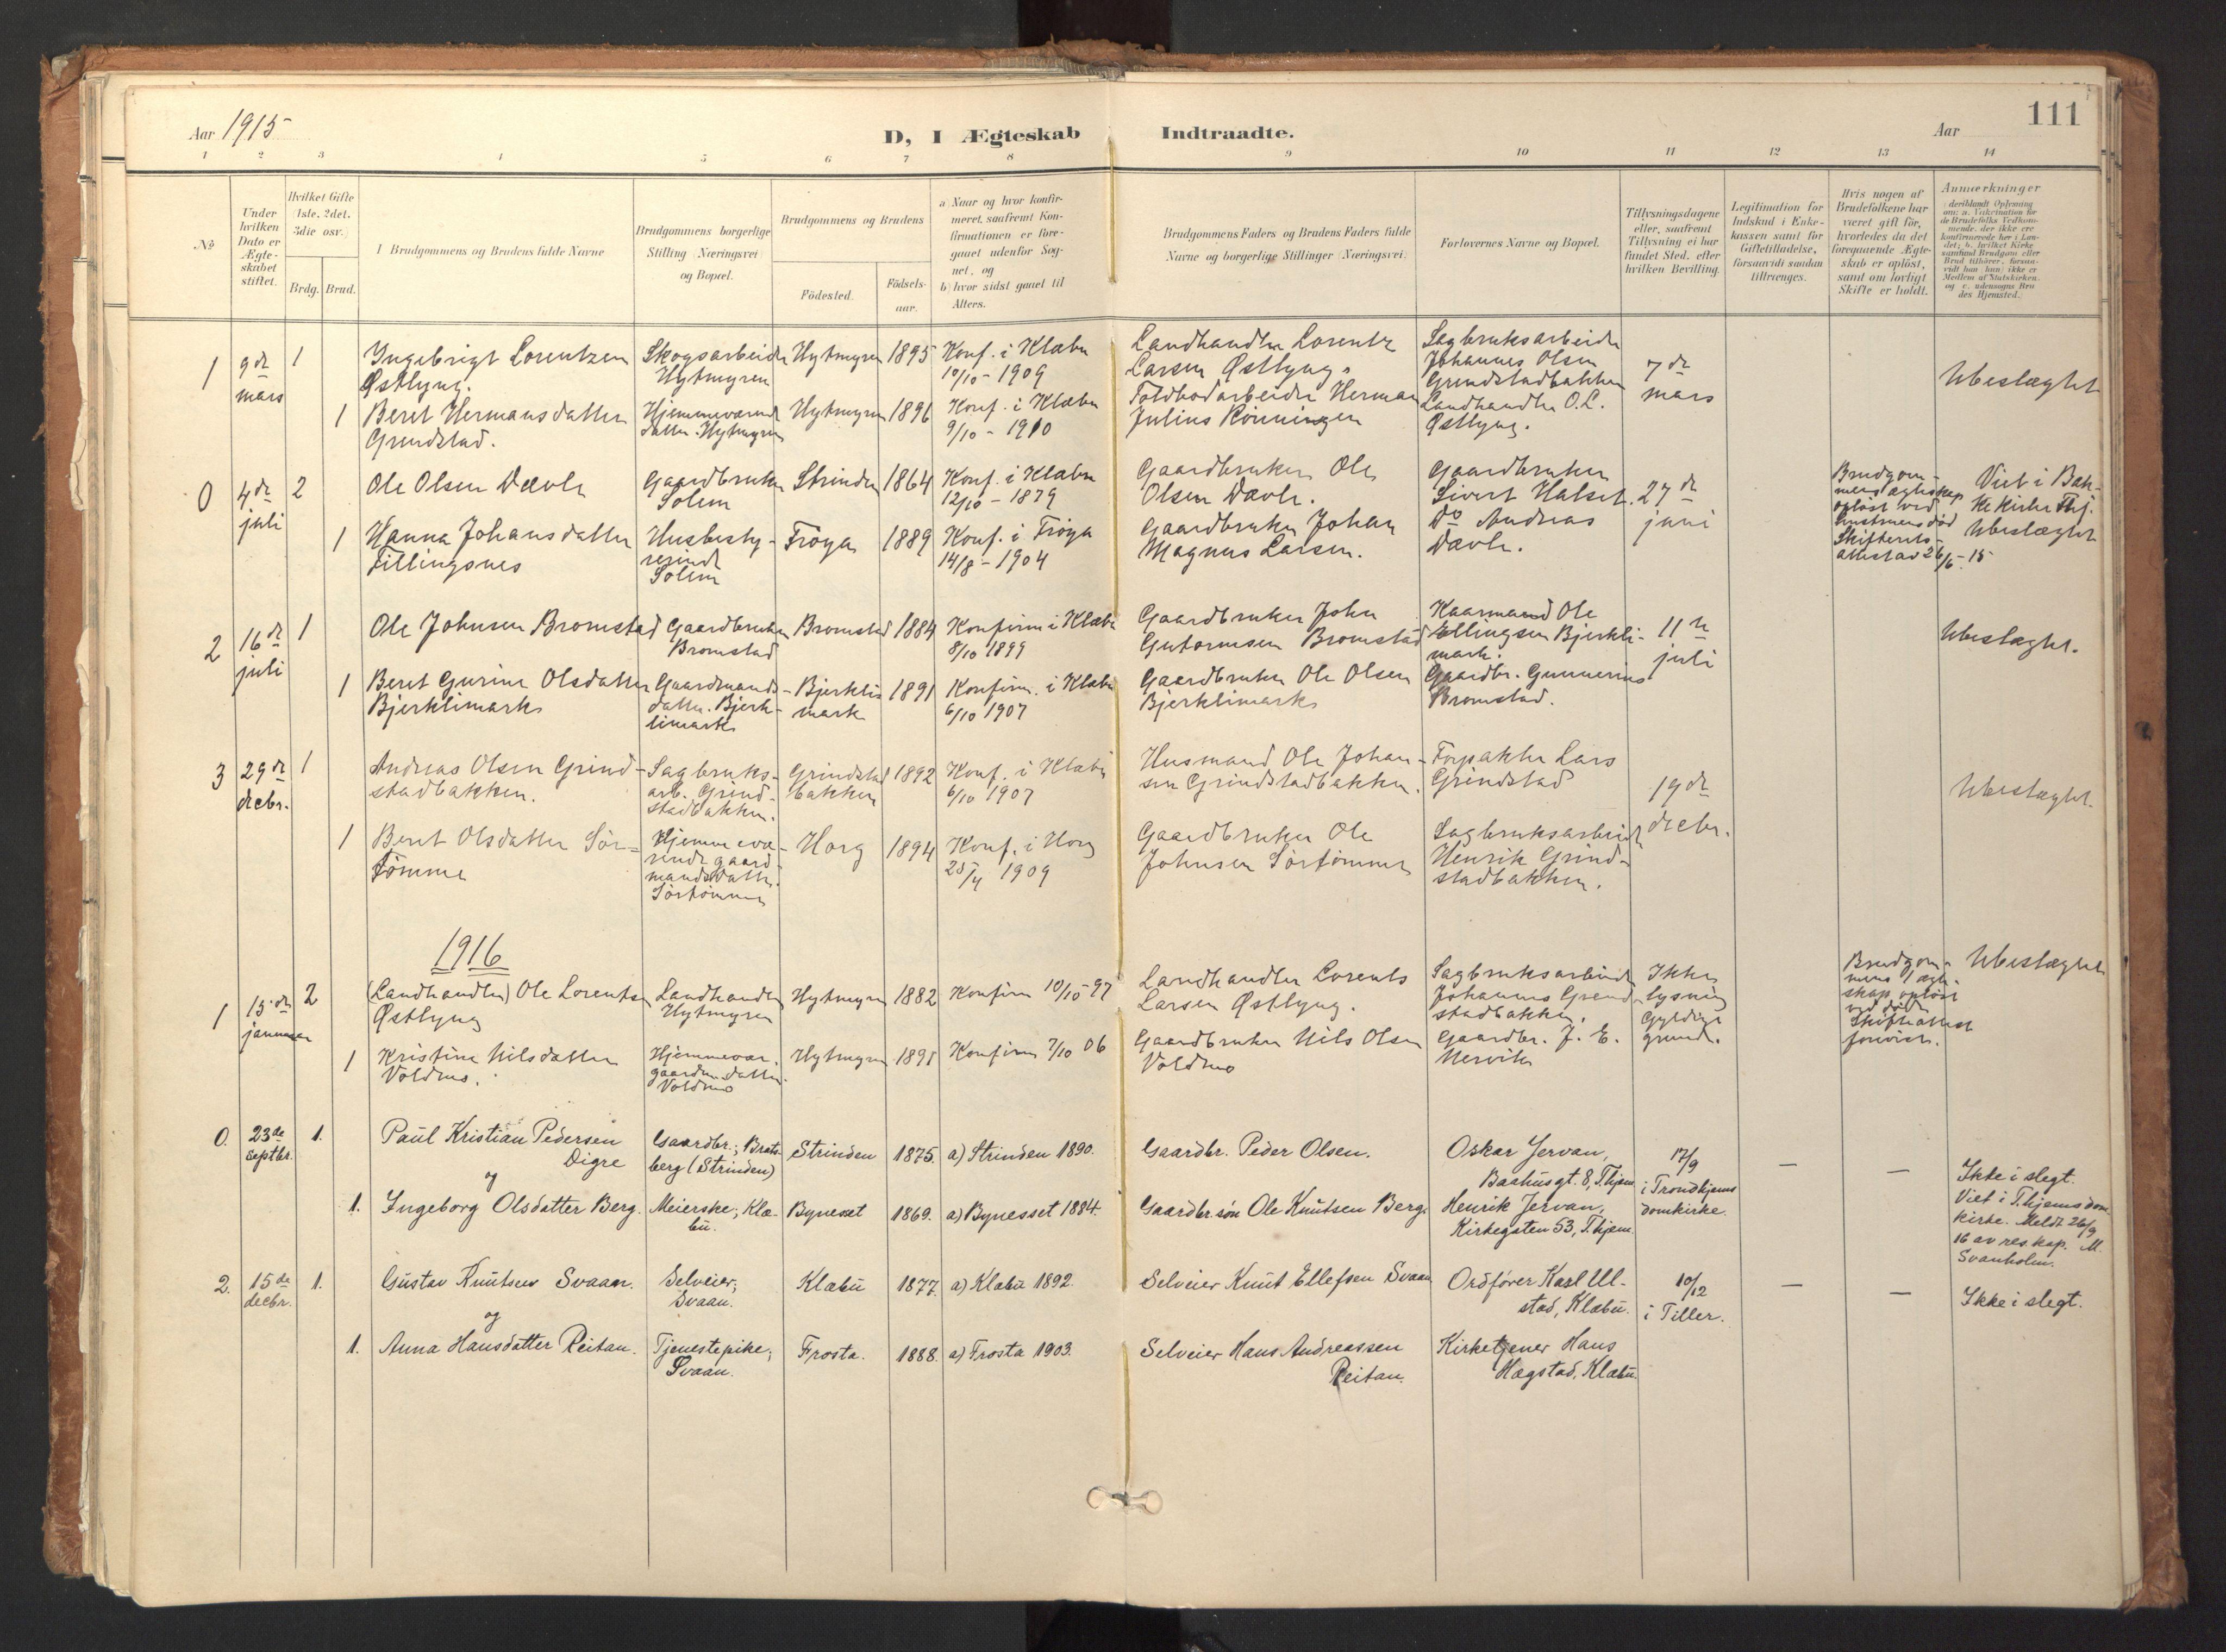 SAT, Ministerialprotokoller, klokkerbøker og fødselsregistre - Sør-Trøndelag, 618/L0448: Ministerialbok nr. 618A11, 1898-1916, s. 111